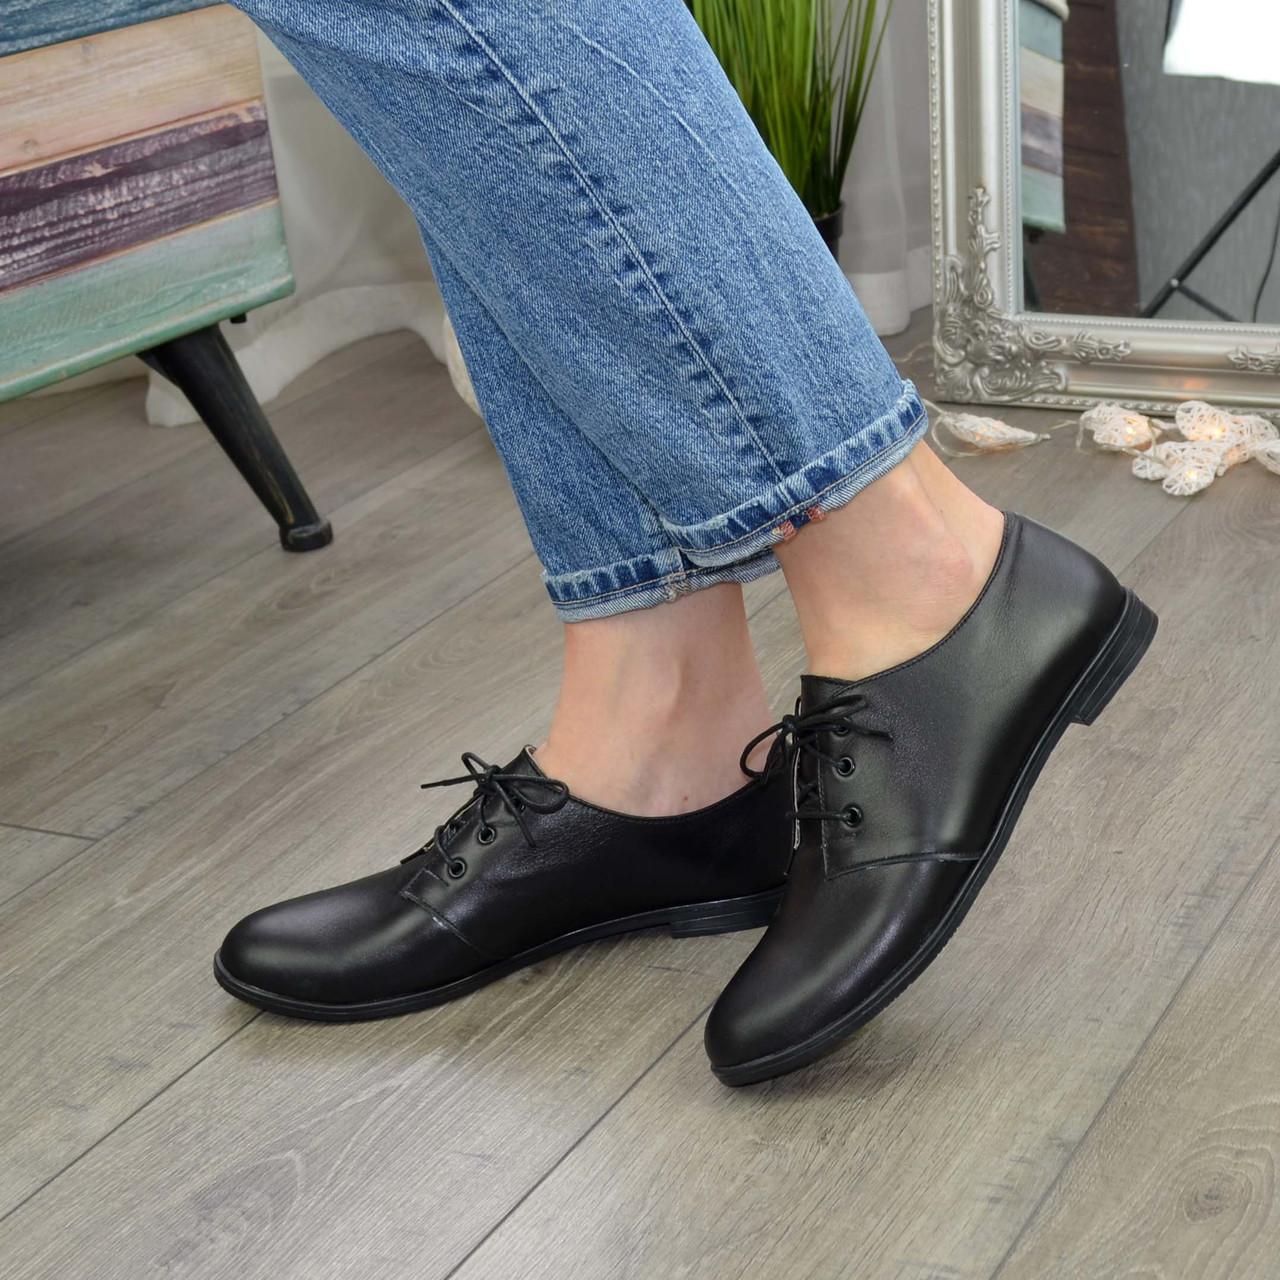 Туфли женские черные кожаные на шнуровке, низкий ход.